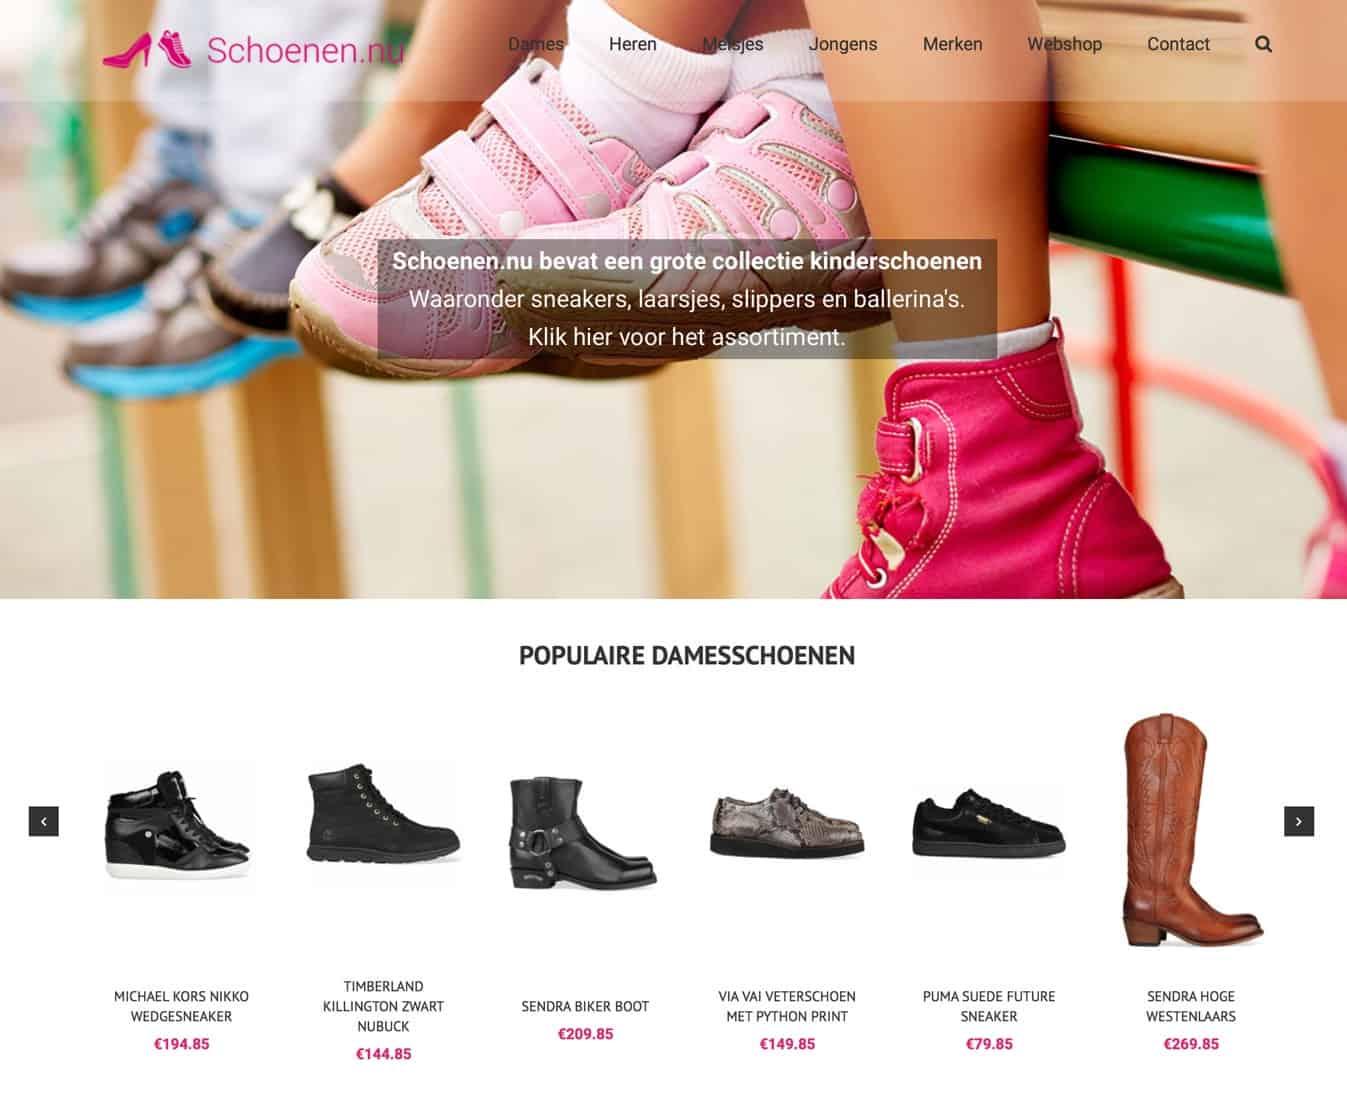 Schoenen.nu